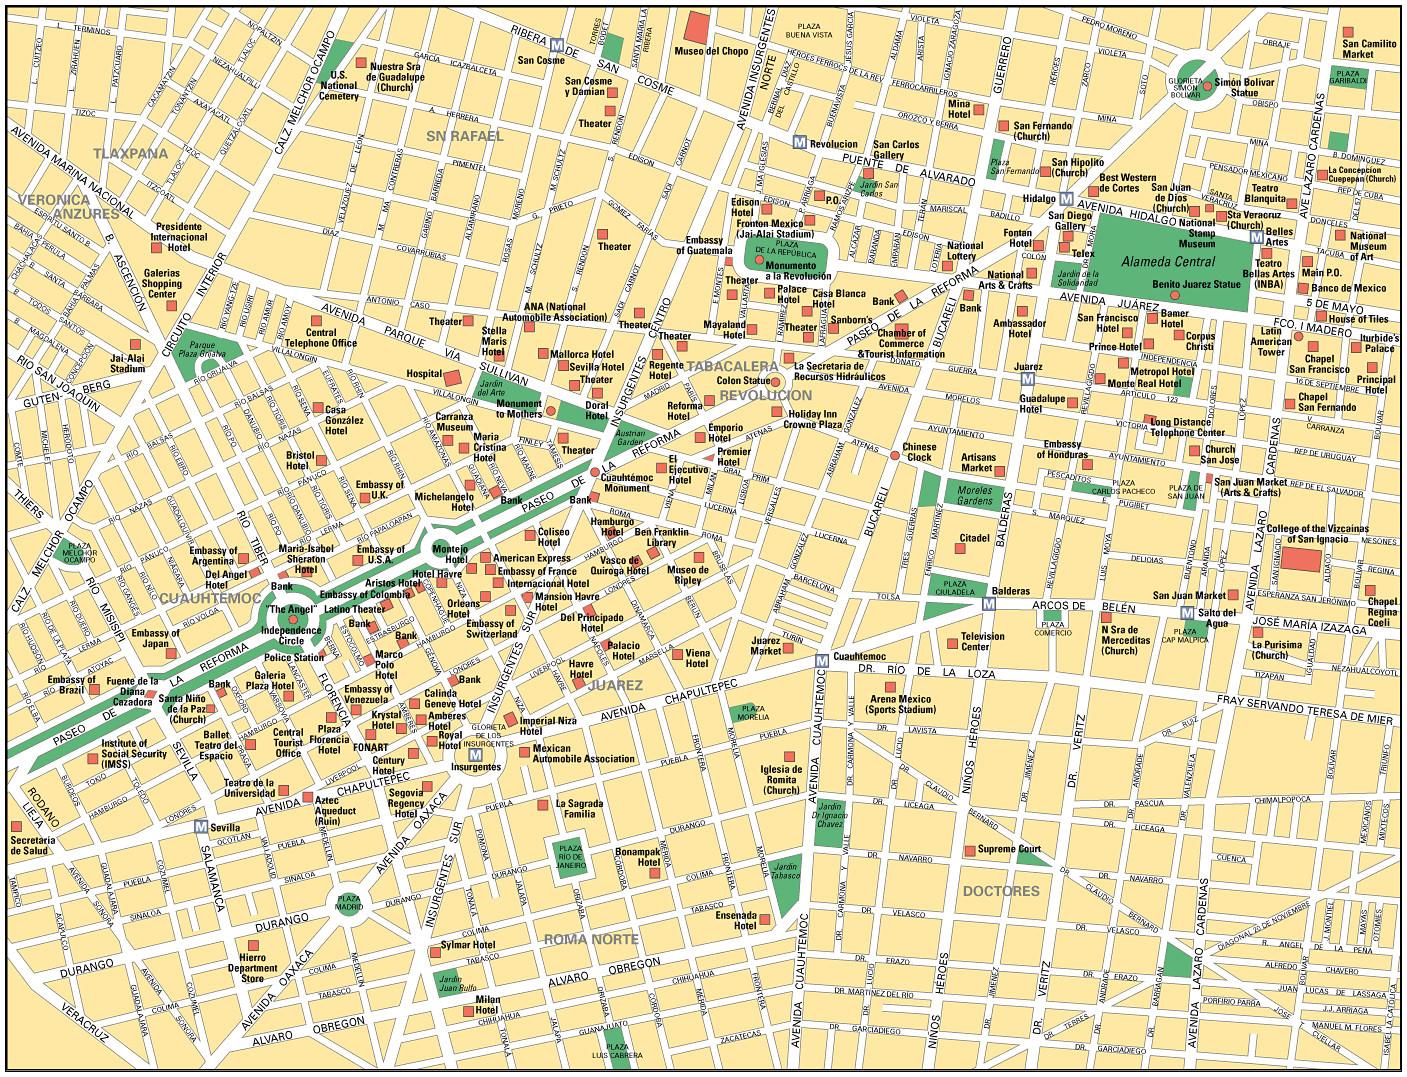 google maps mexico city free map usa imagesrhneopaydayloans google maps mexico city at neopaydayloans